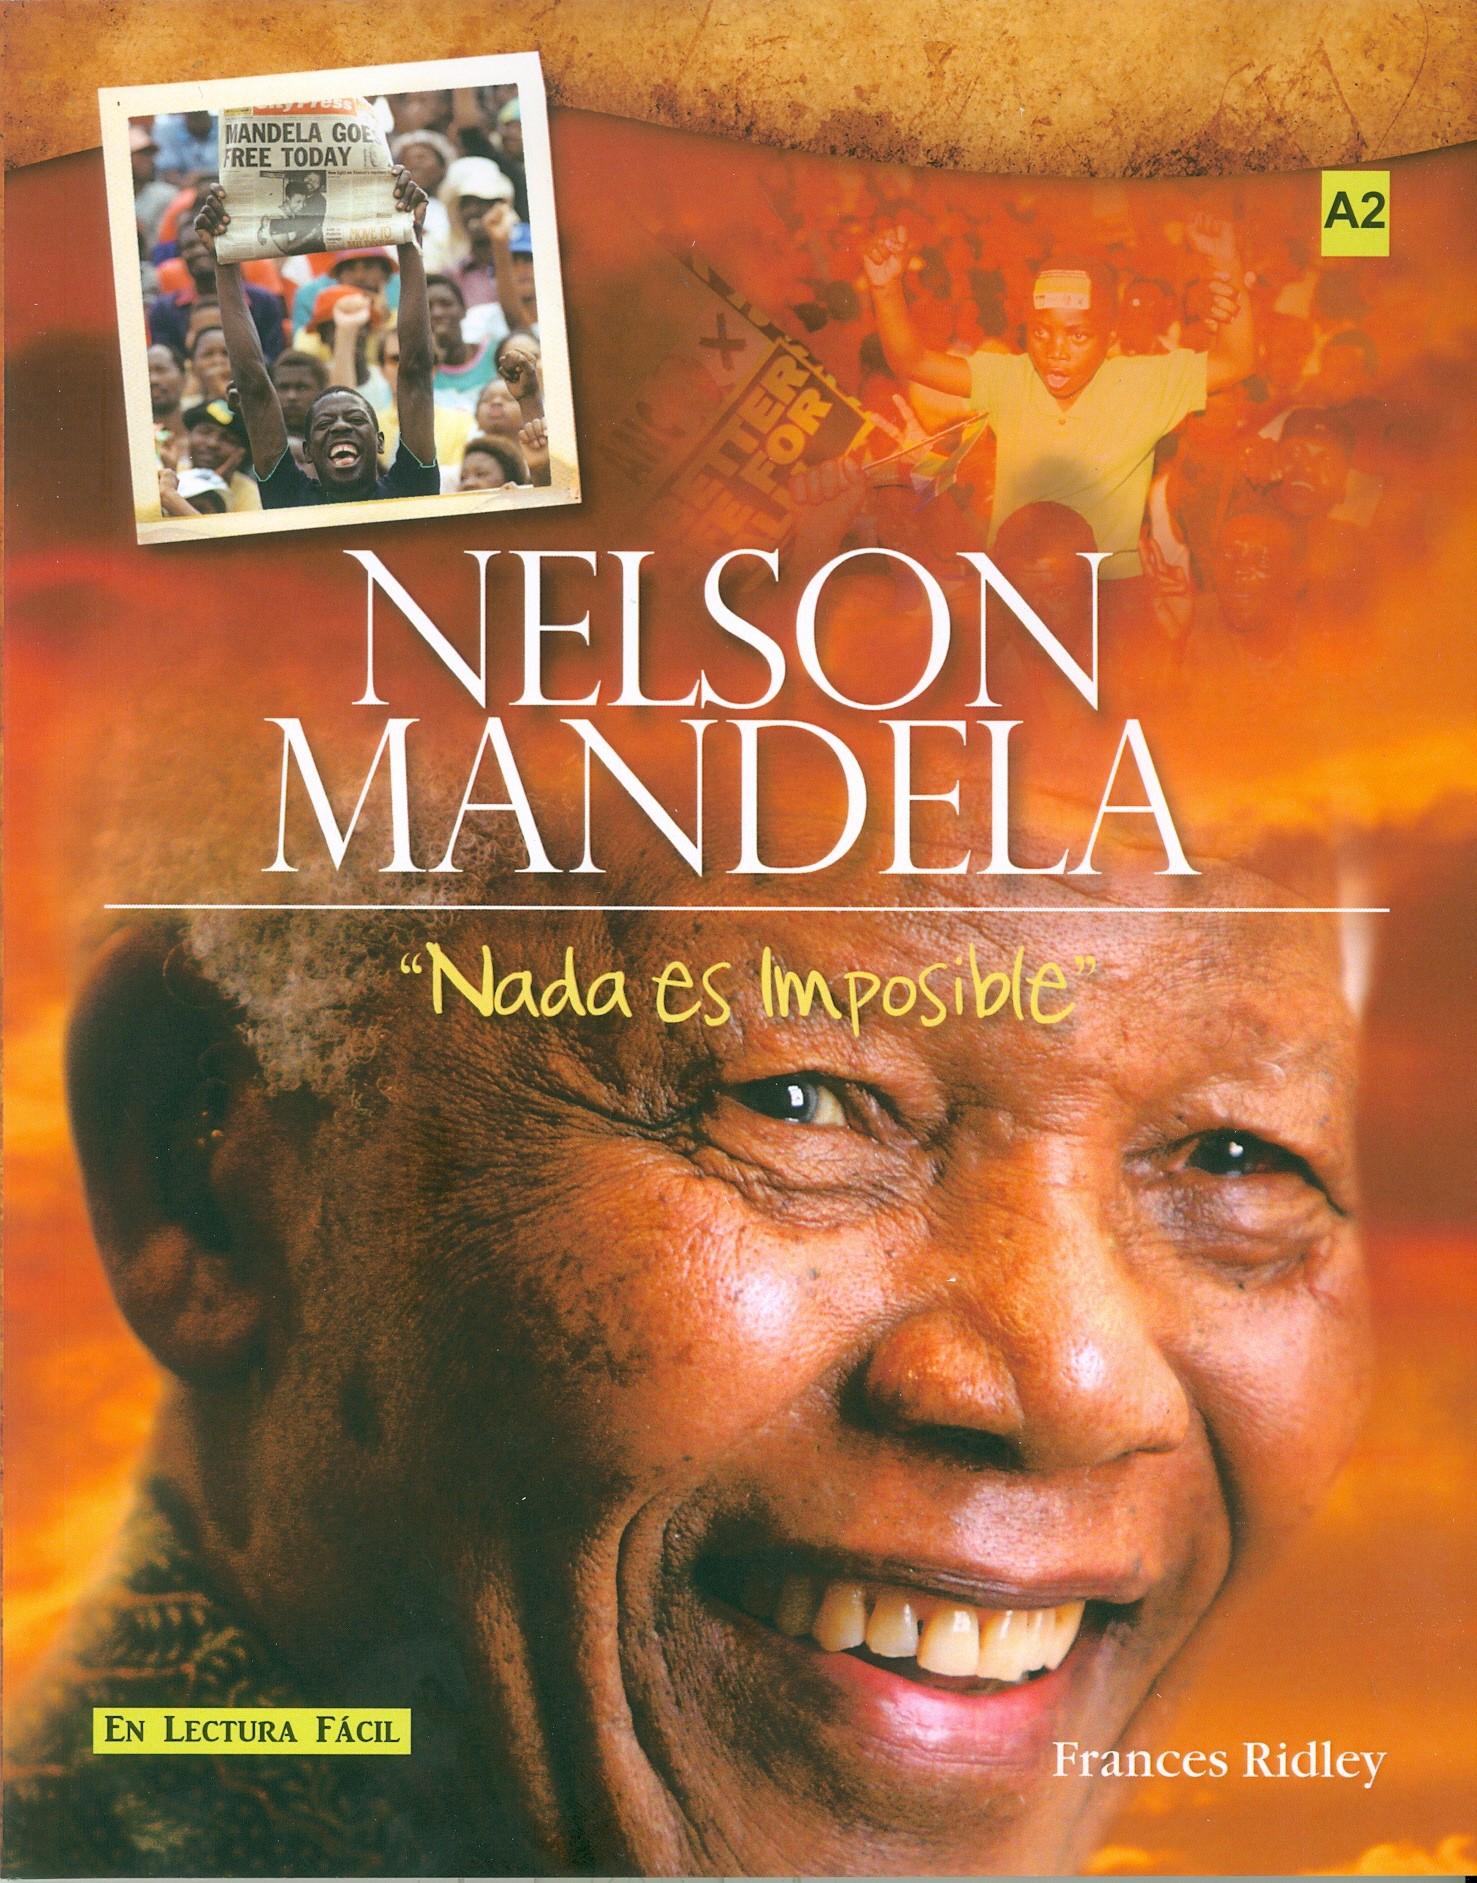 Mandela nada es imposible